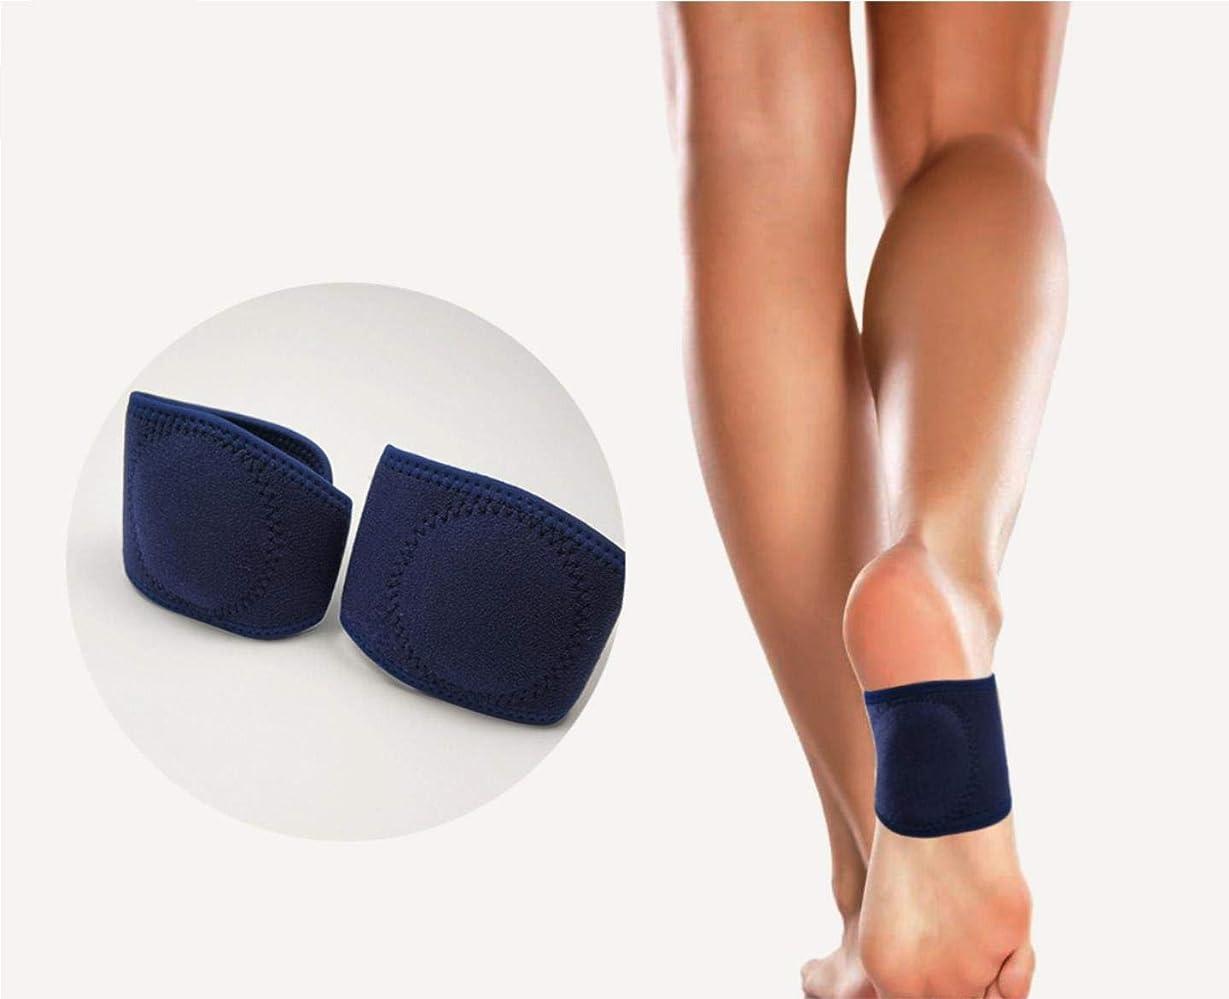 暴君パワーセル混乱した足底筋膜炎のための2対のクッション付き圧縮アーチサポート倒れたアーチヒールスプリアスフラットとアーチーの足の問題(ワンサイズ),geltype